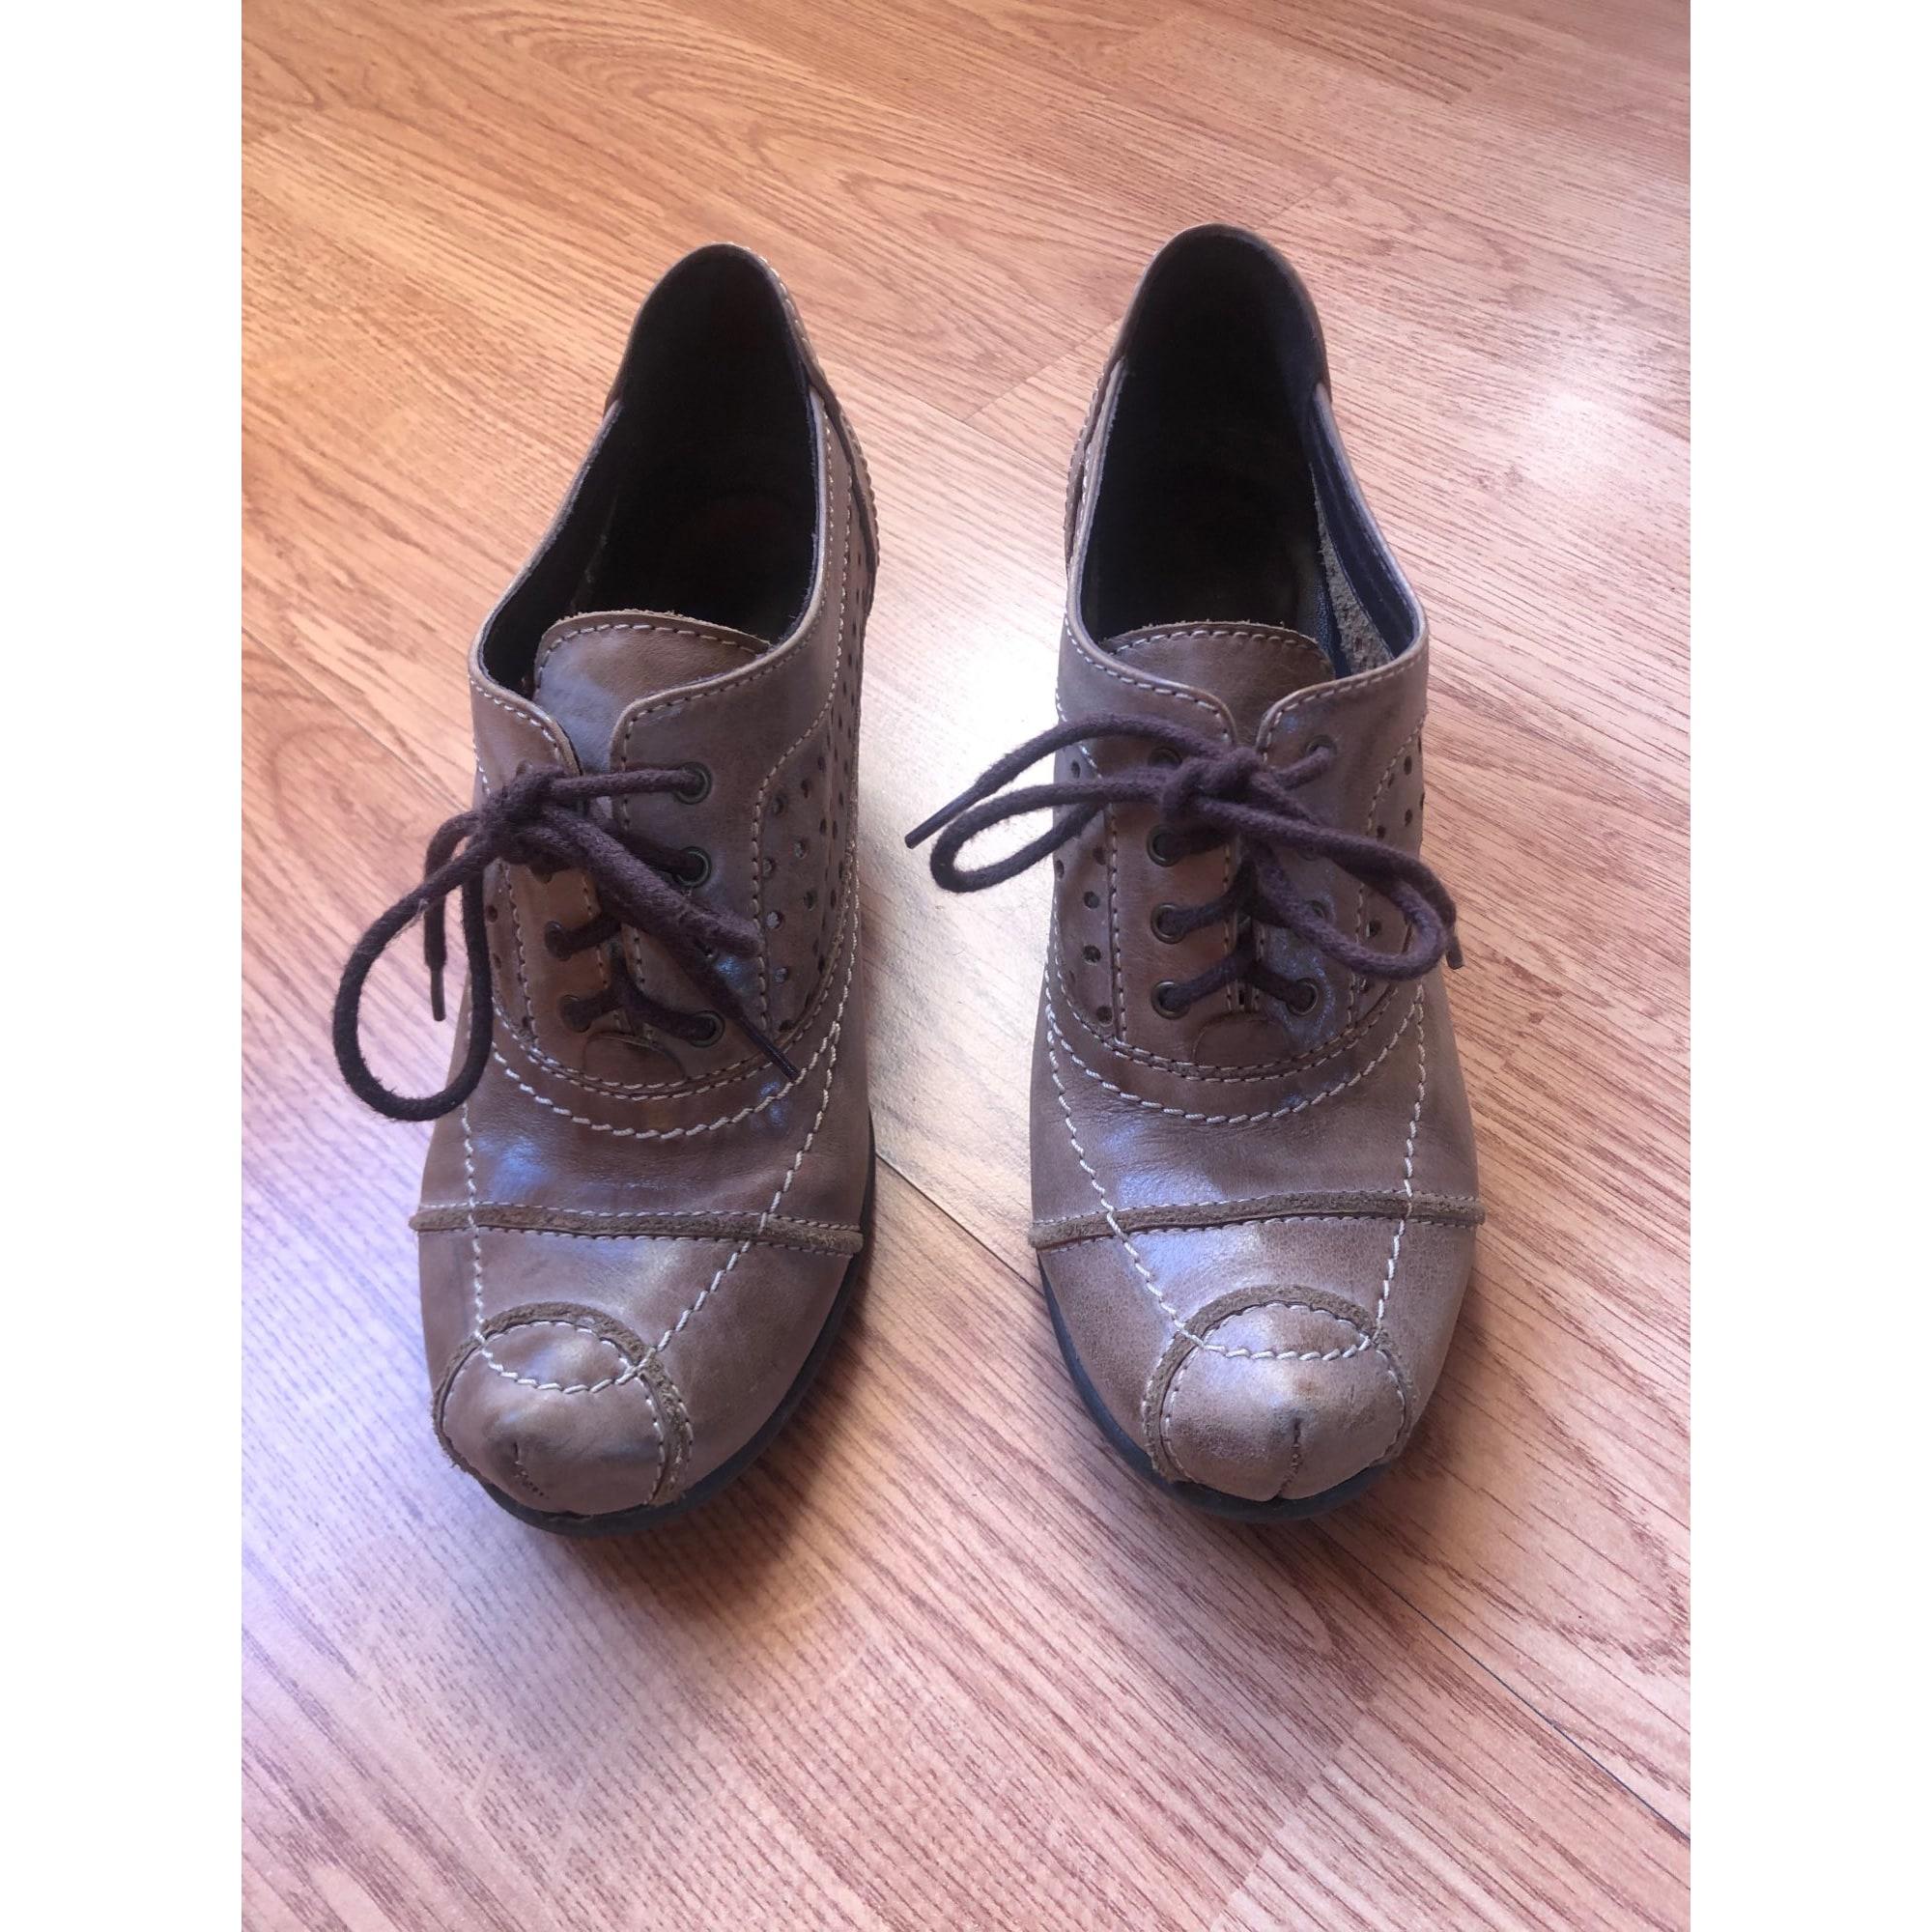 Chaussures à lacets  LIBERTO Beige, camel